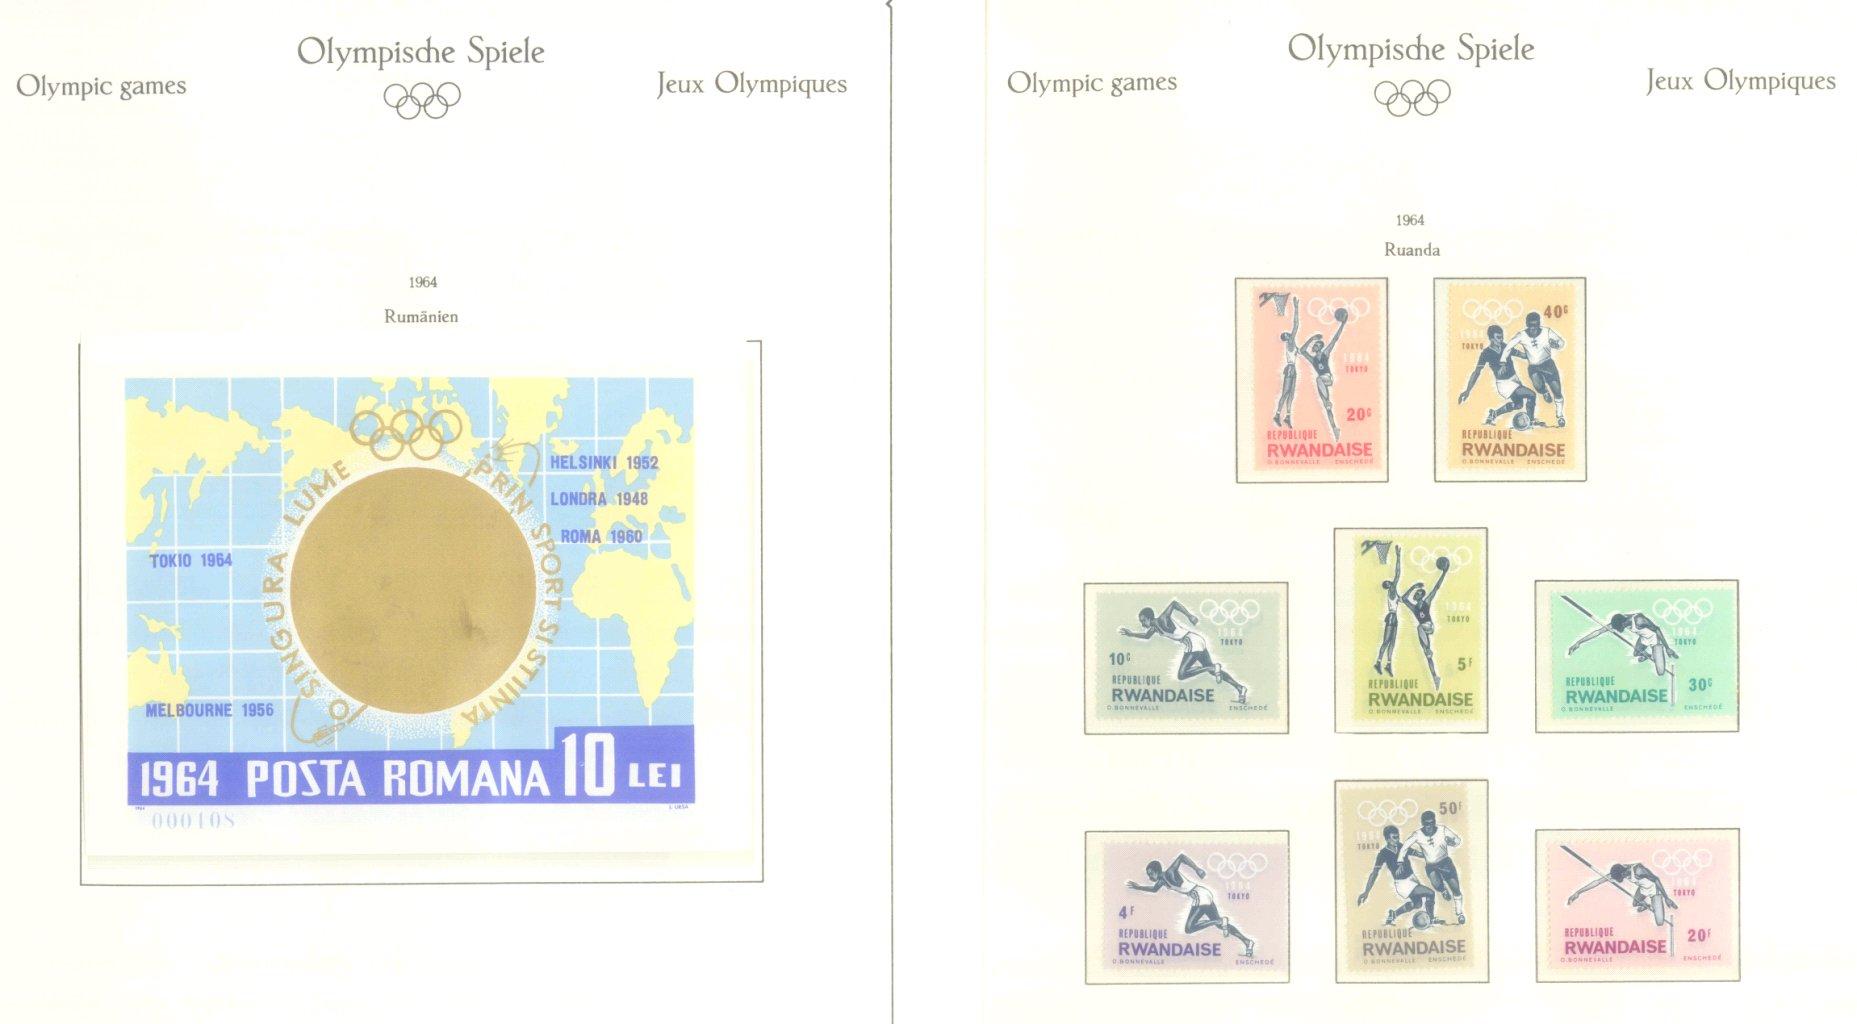 OLYMPISCHE SPIELE 1964 TOKIO, postfrische Sammlung Teil 2-32